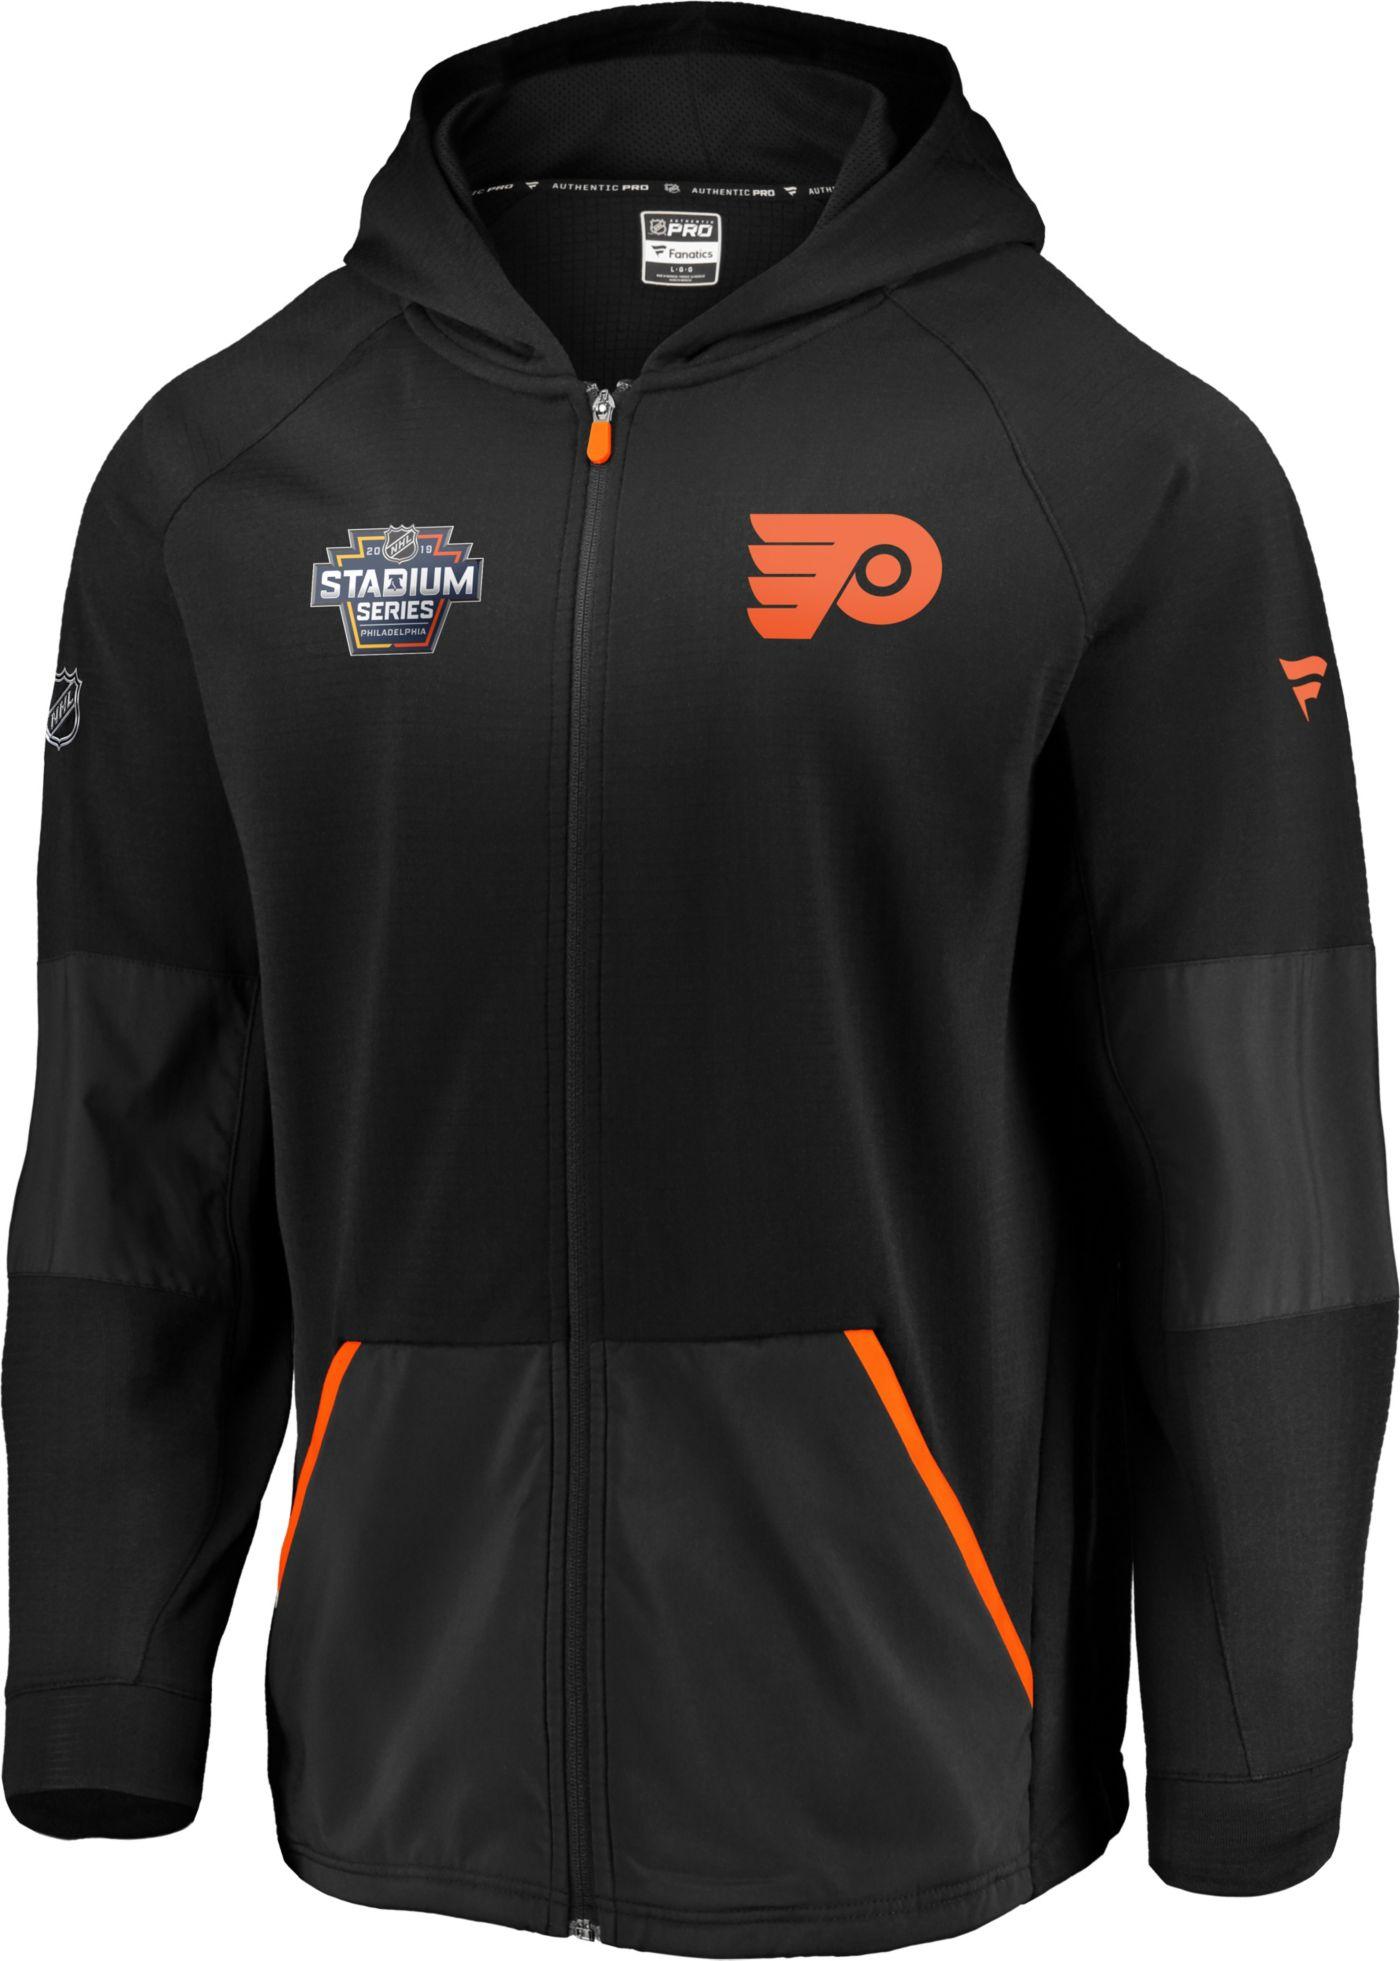 NHL Men's 2019 Stadium Series Philadelphia Flyers Rink Black Full-Zip Hoodie